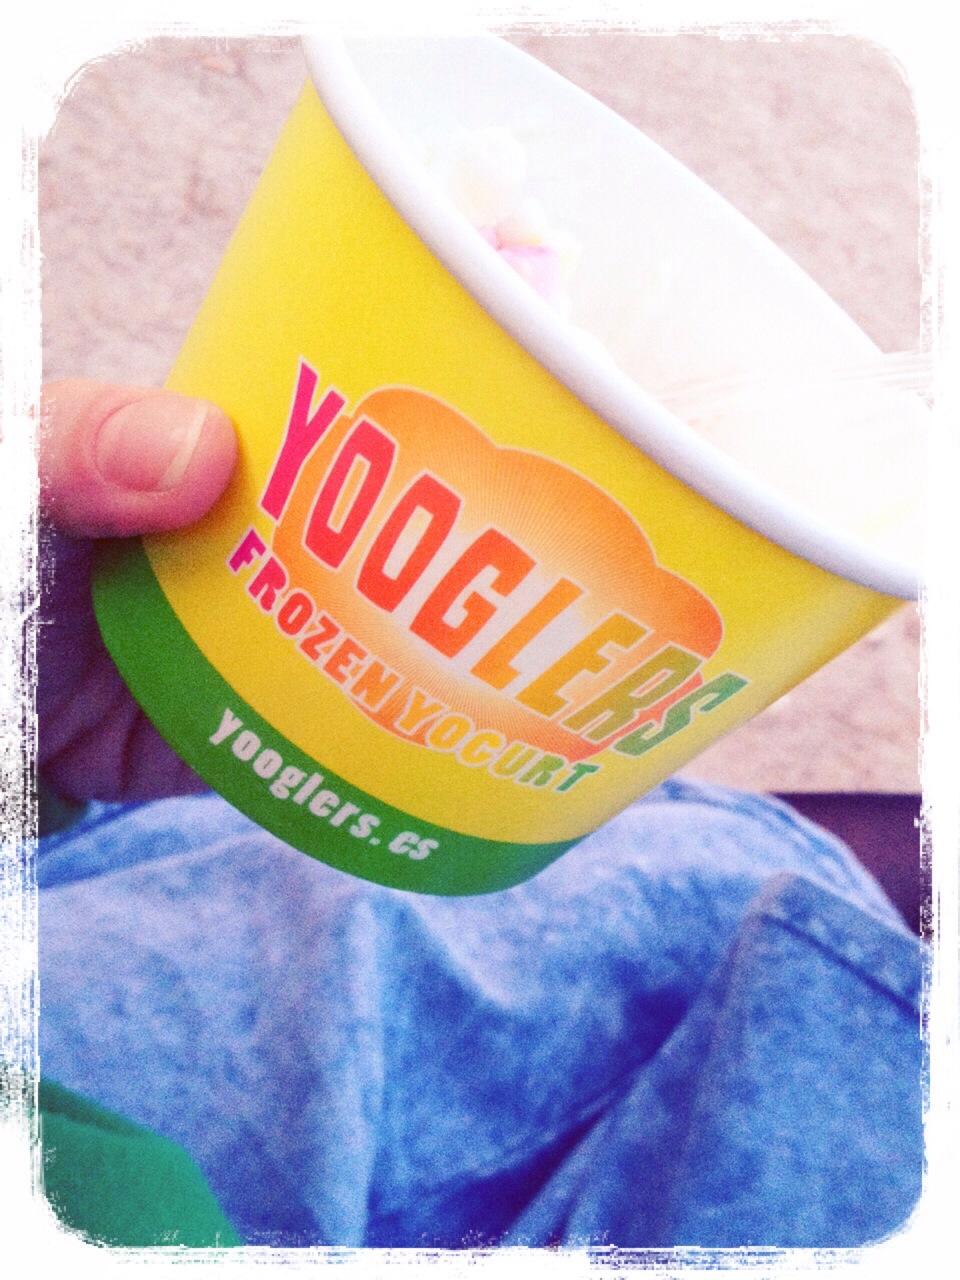 Yooglers